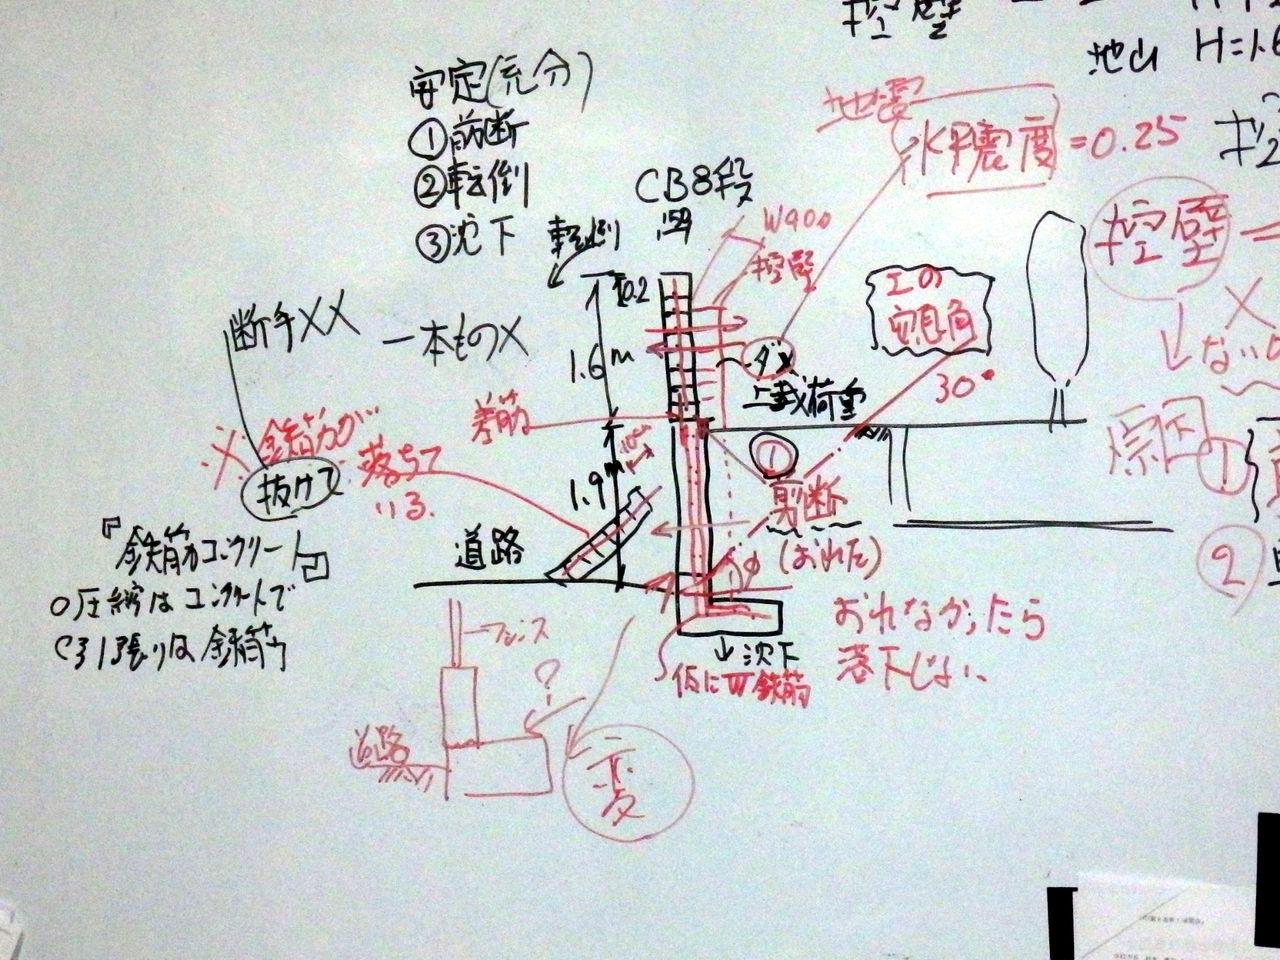 大阪地震 (3)